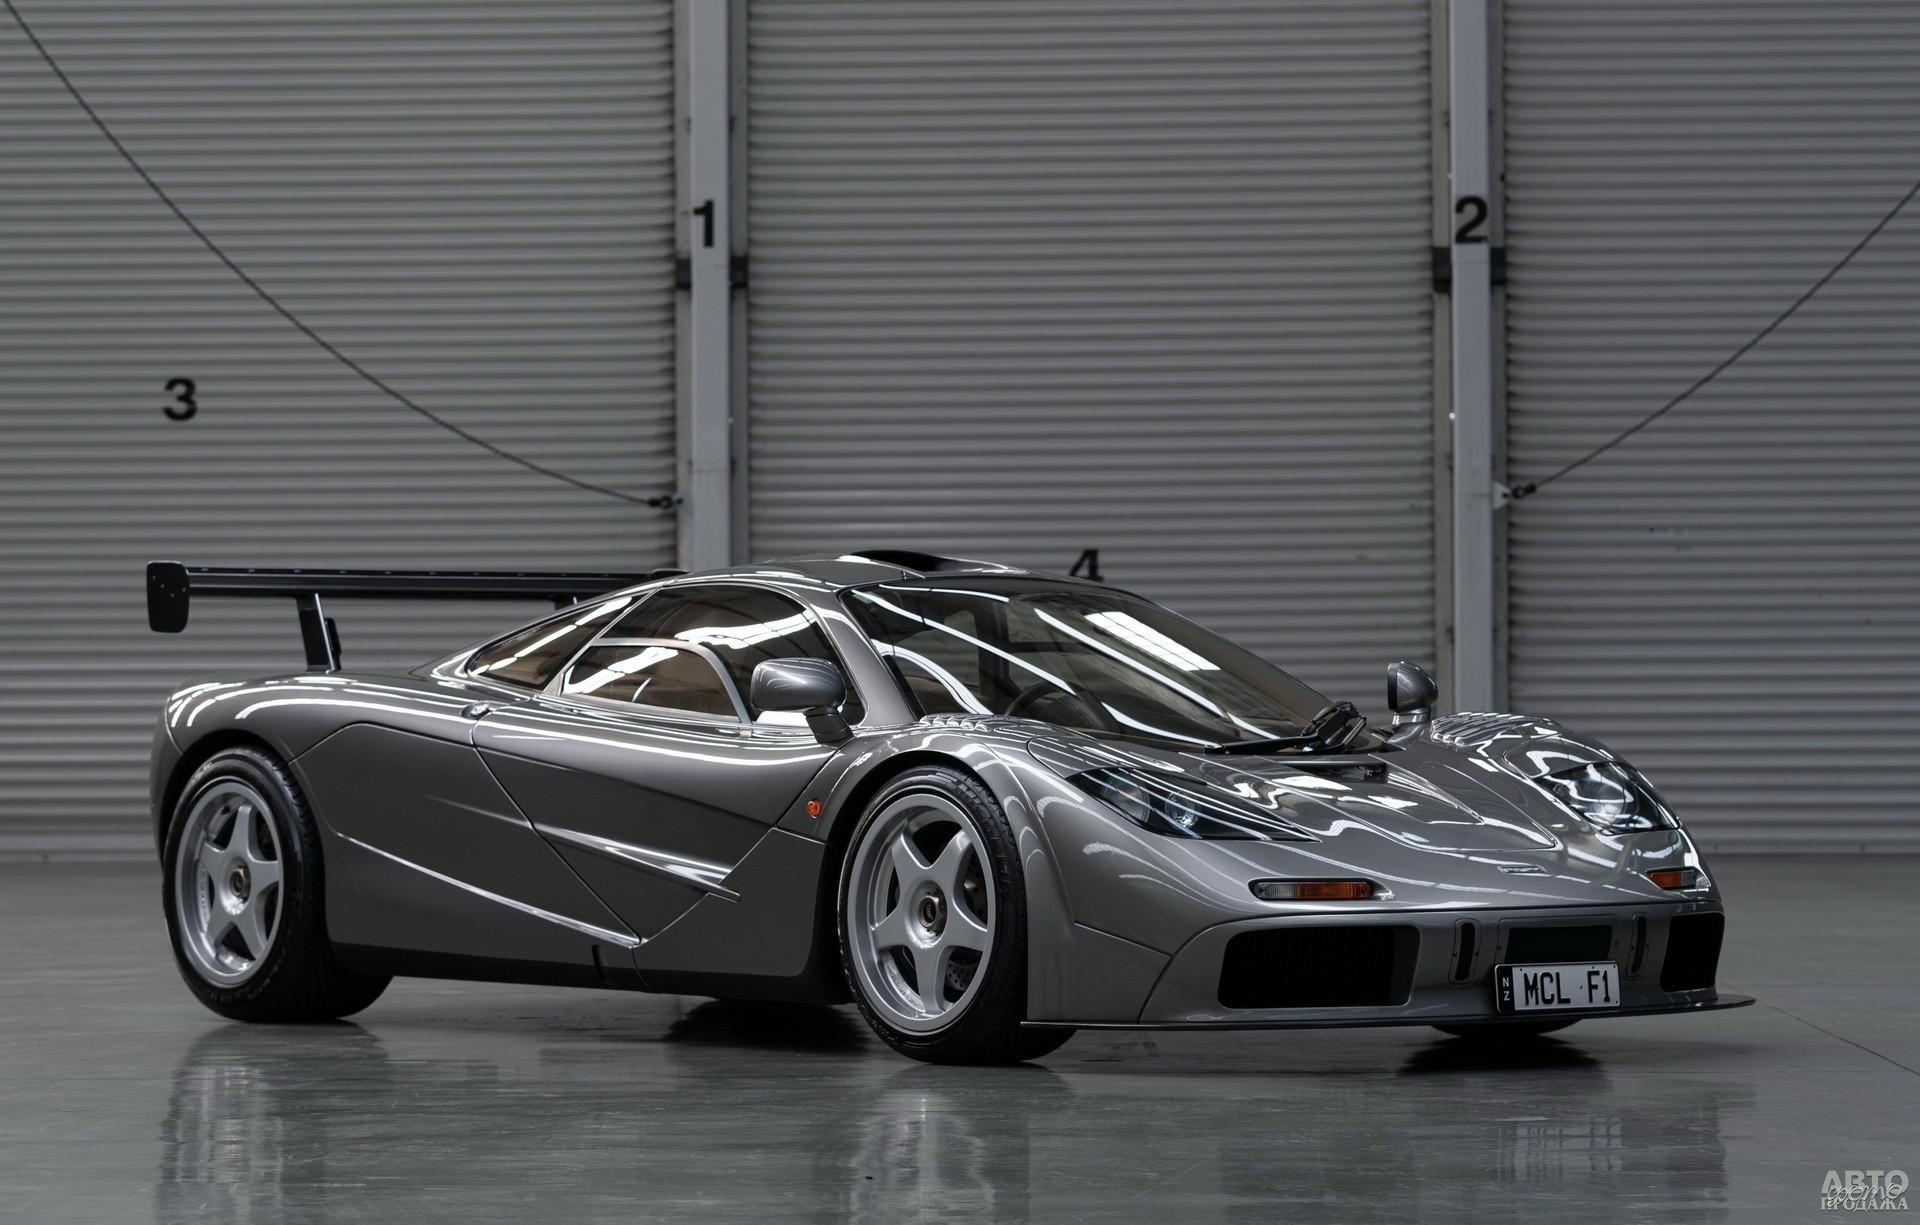 МcLaren F1 HDF 1998 года продали с аукциона за 19,8 млн. долларов